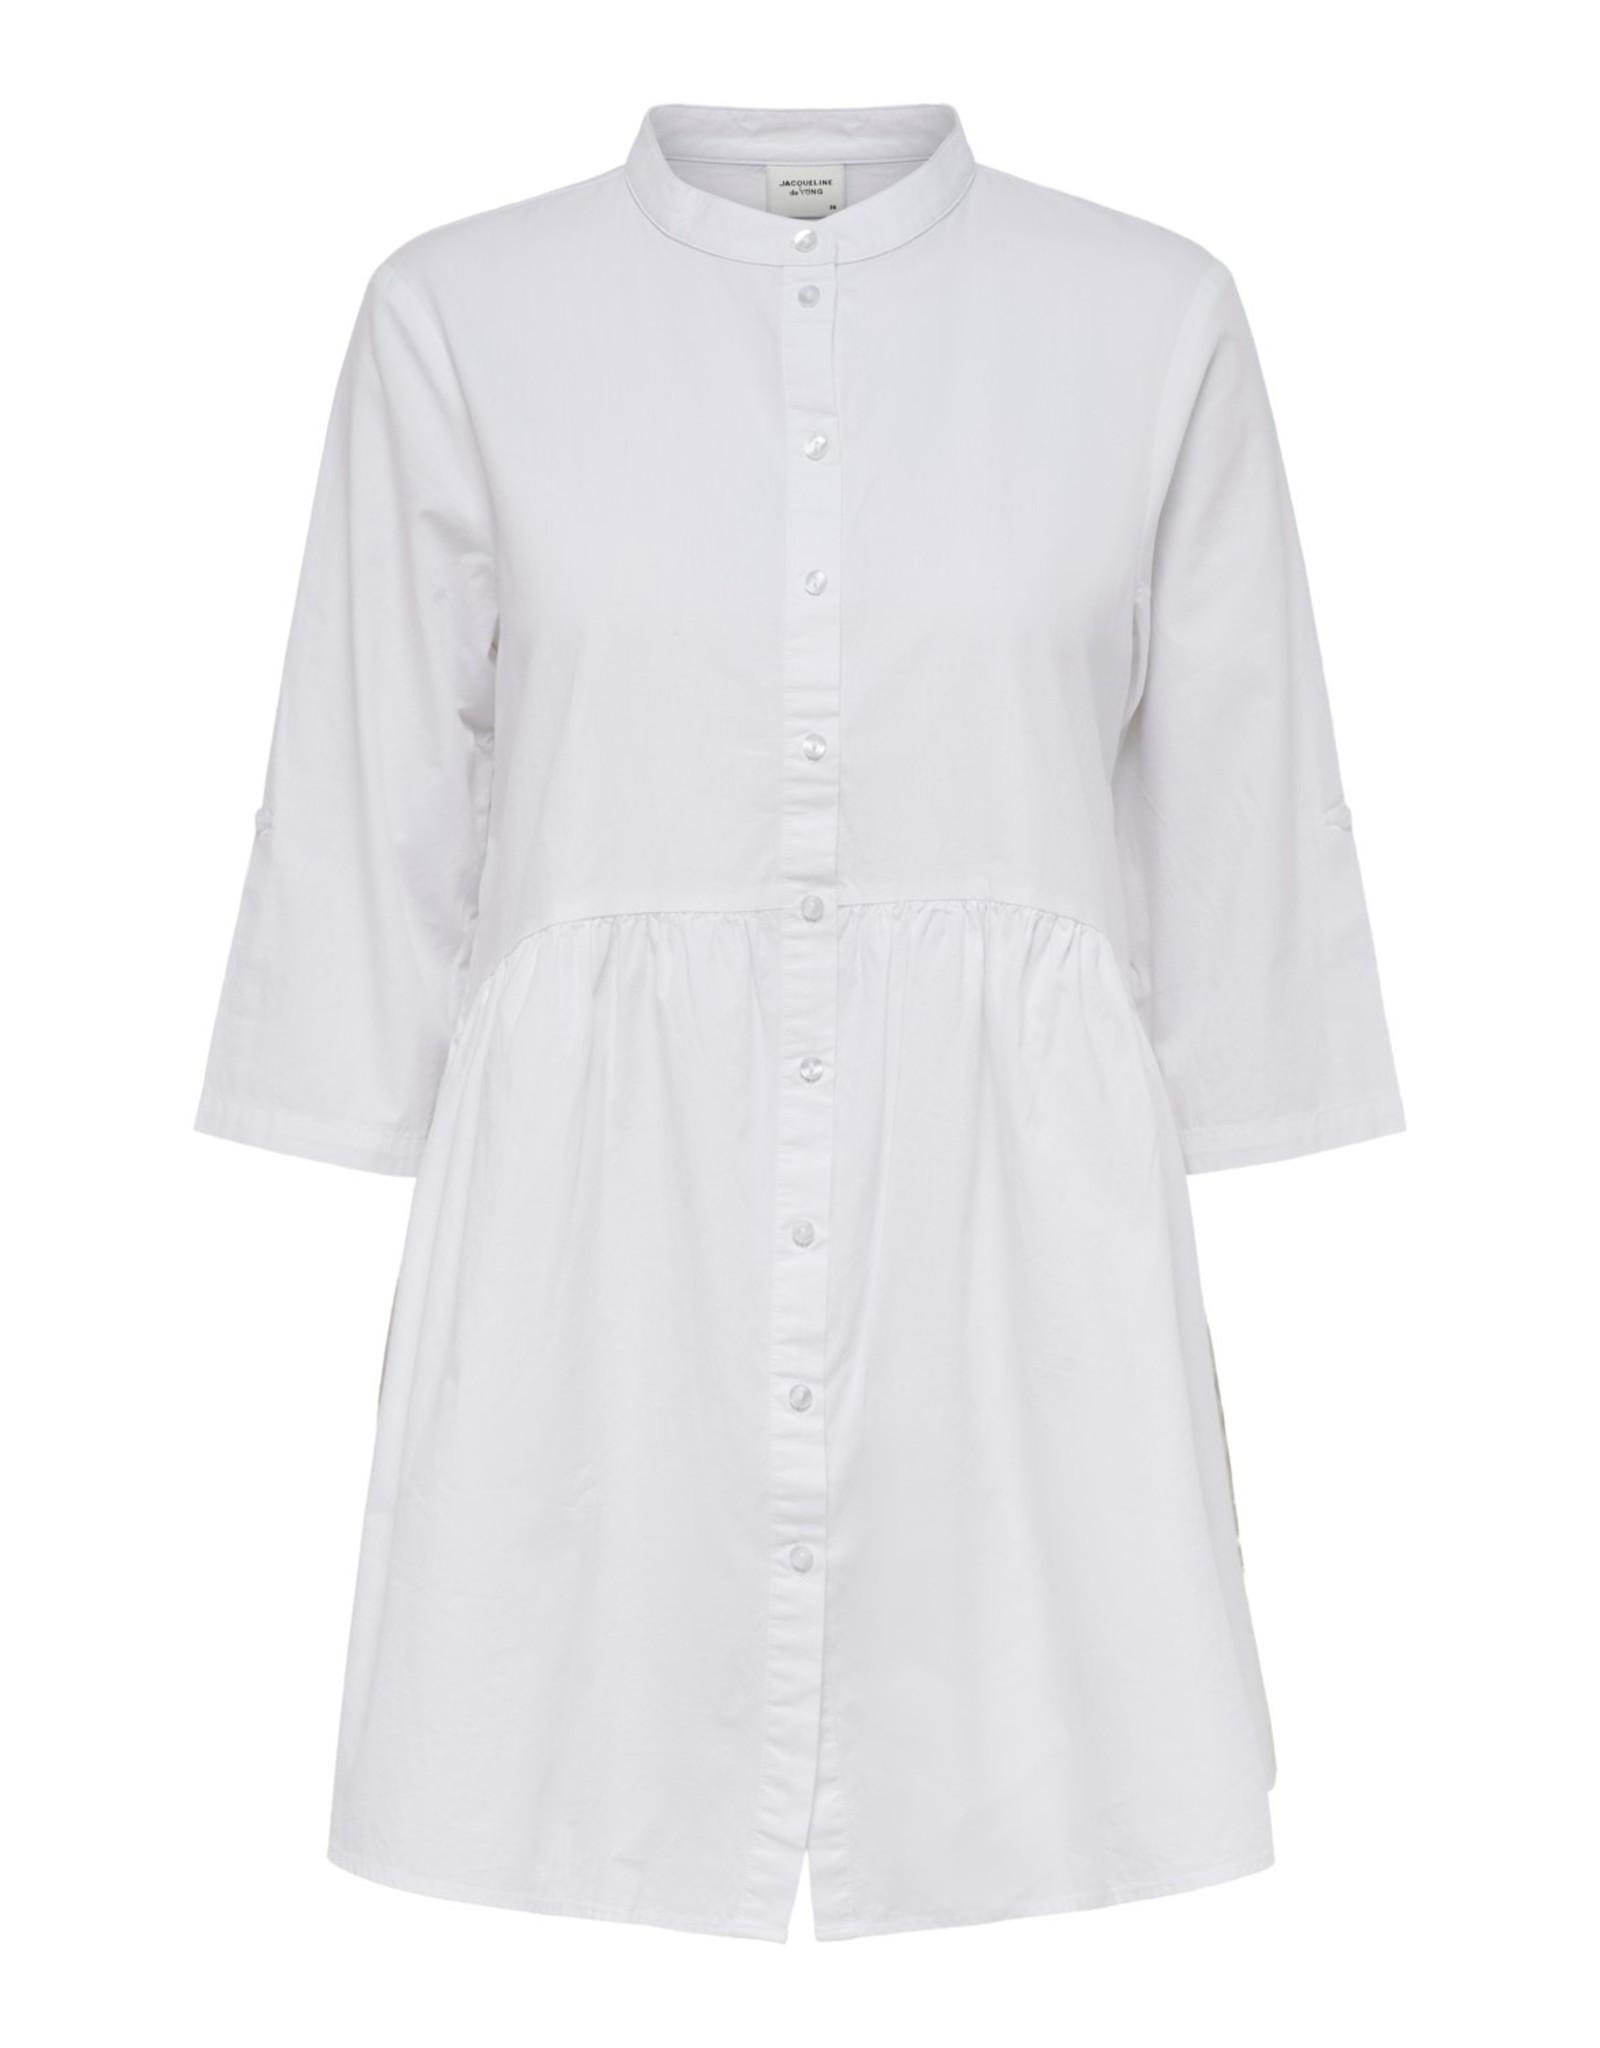 CAM DRESS WHITE